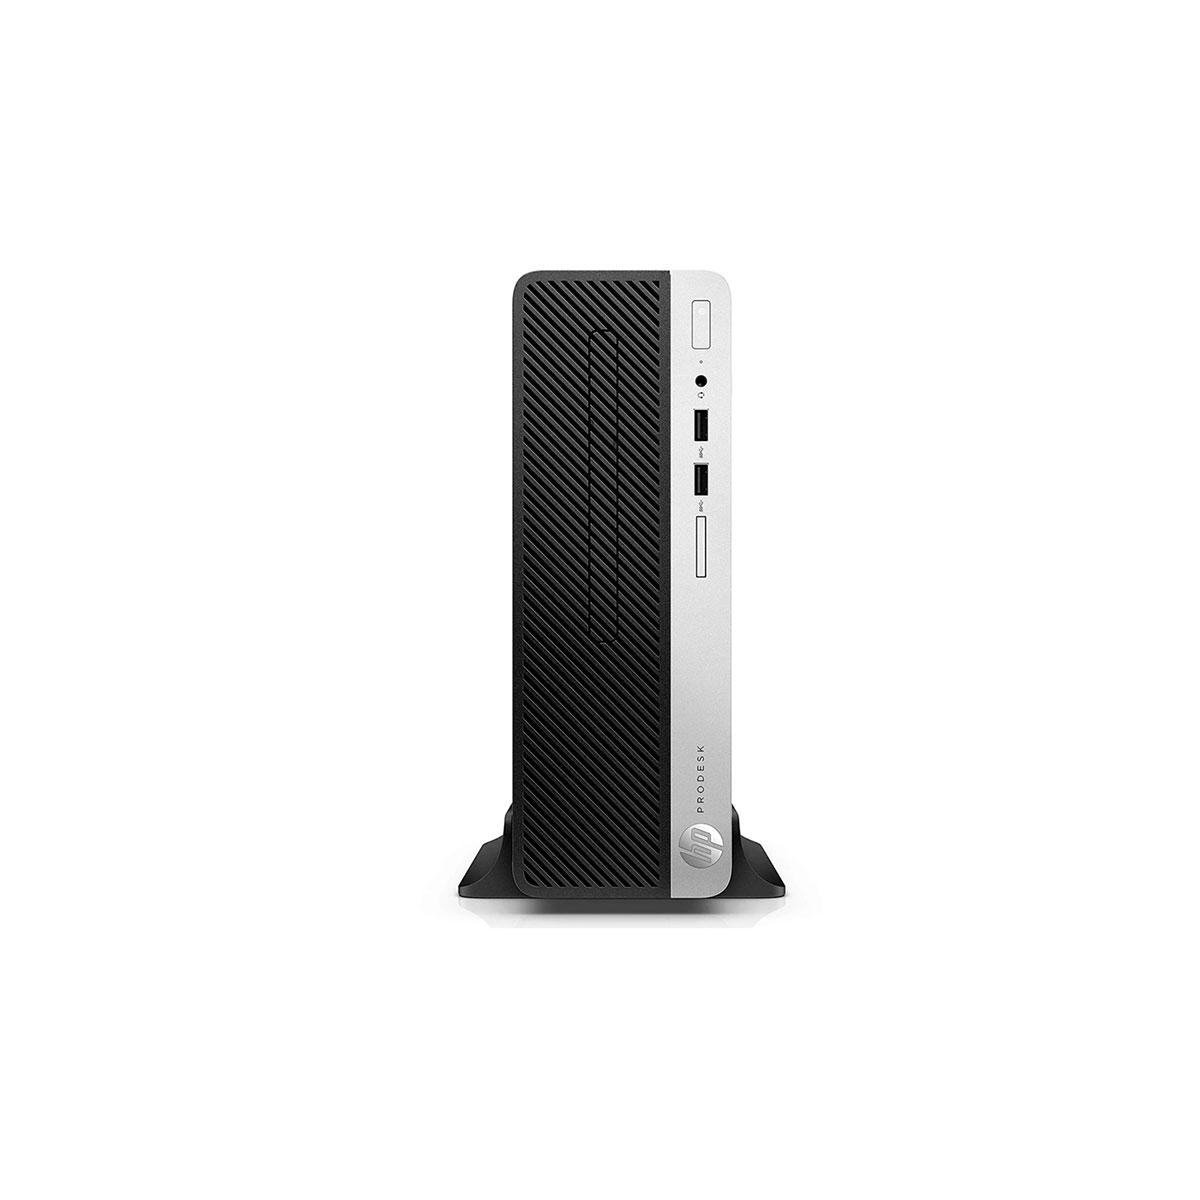 PC de Escritorio HP Elitedesk 800 G5 8GG70LSABM